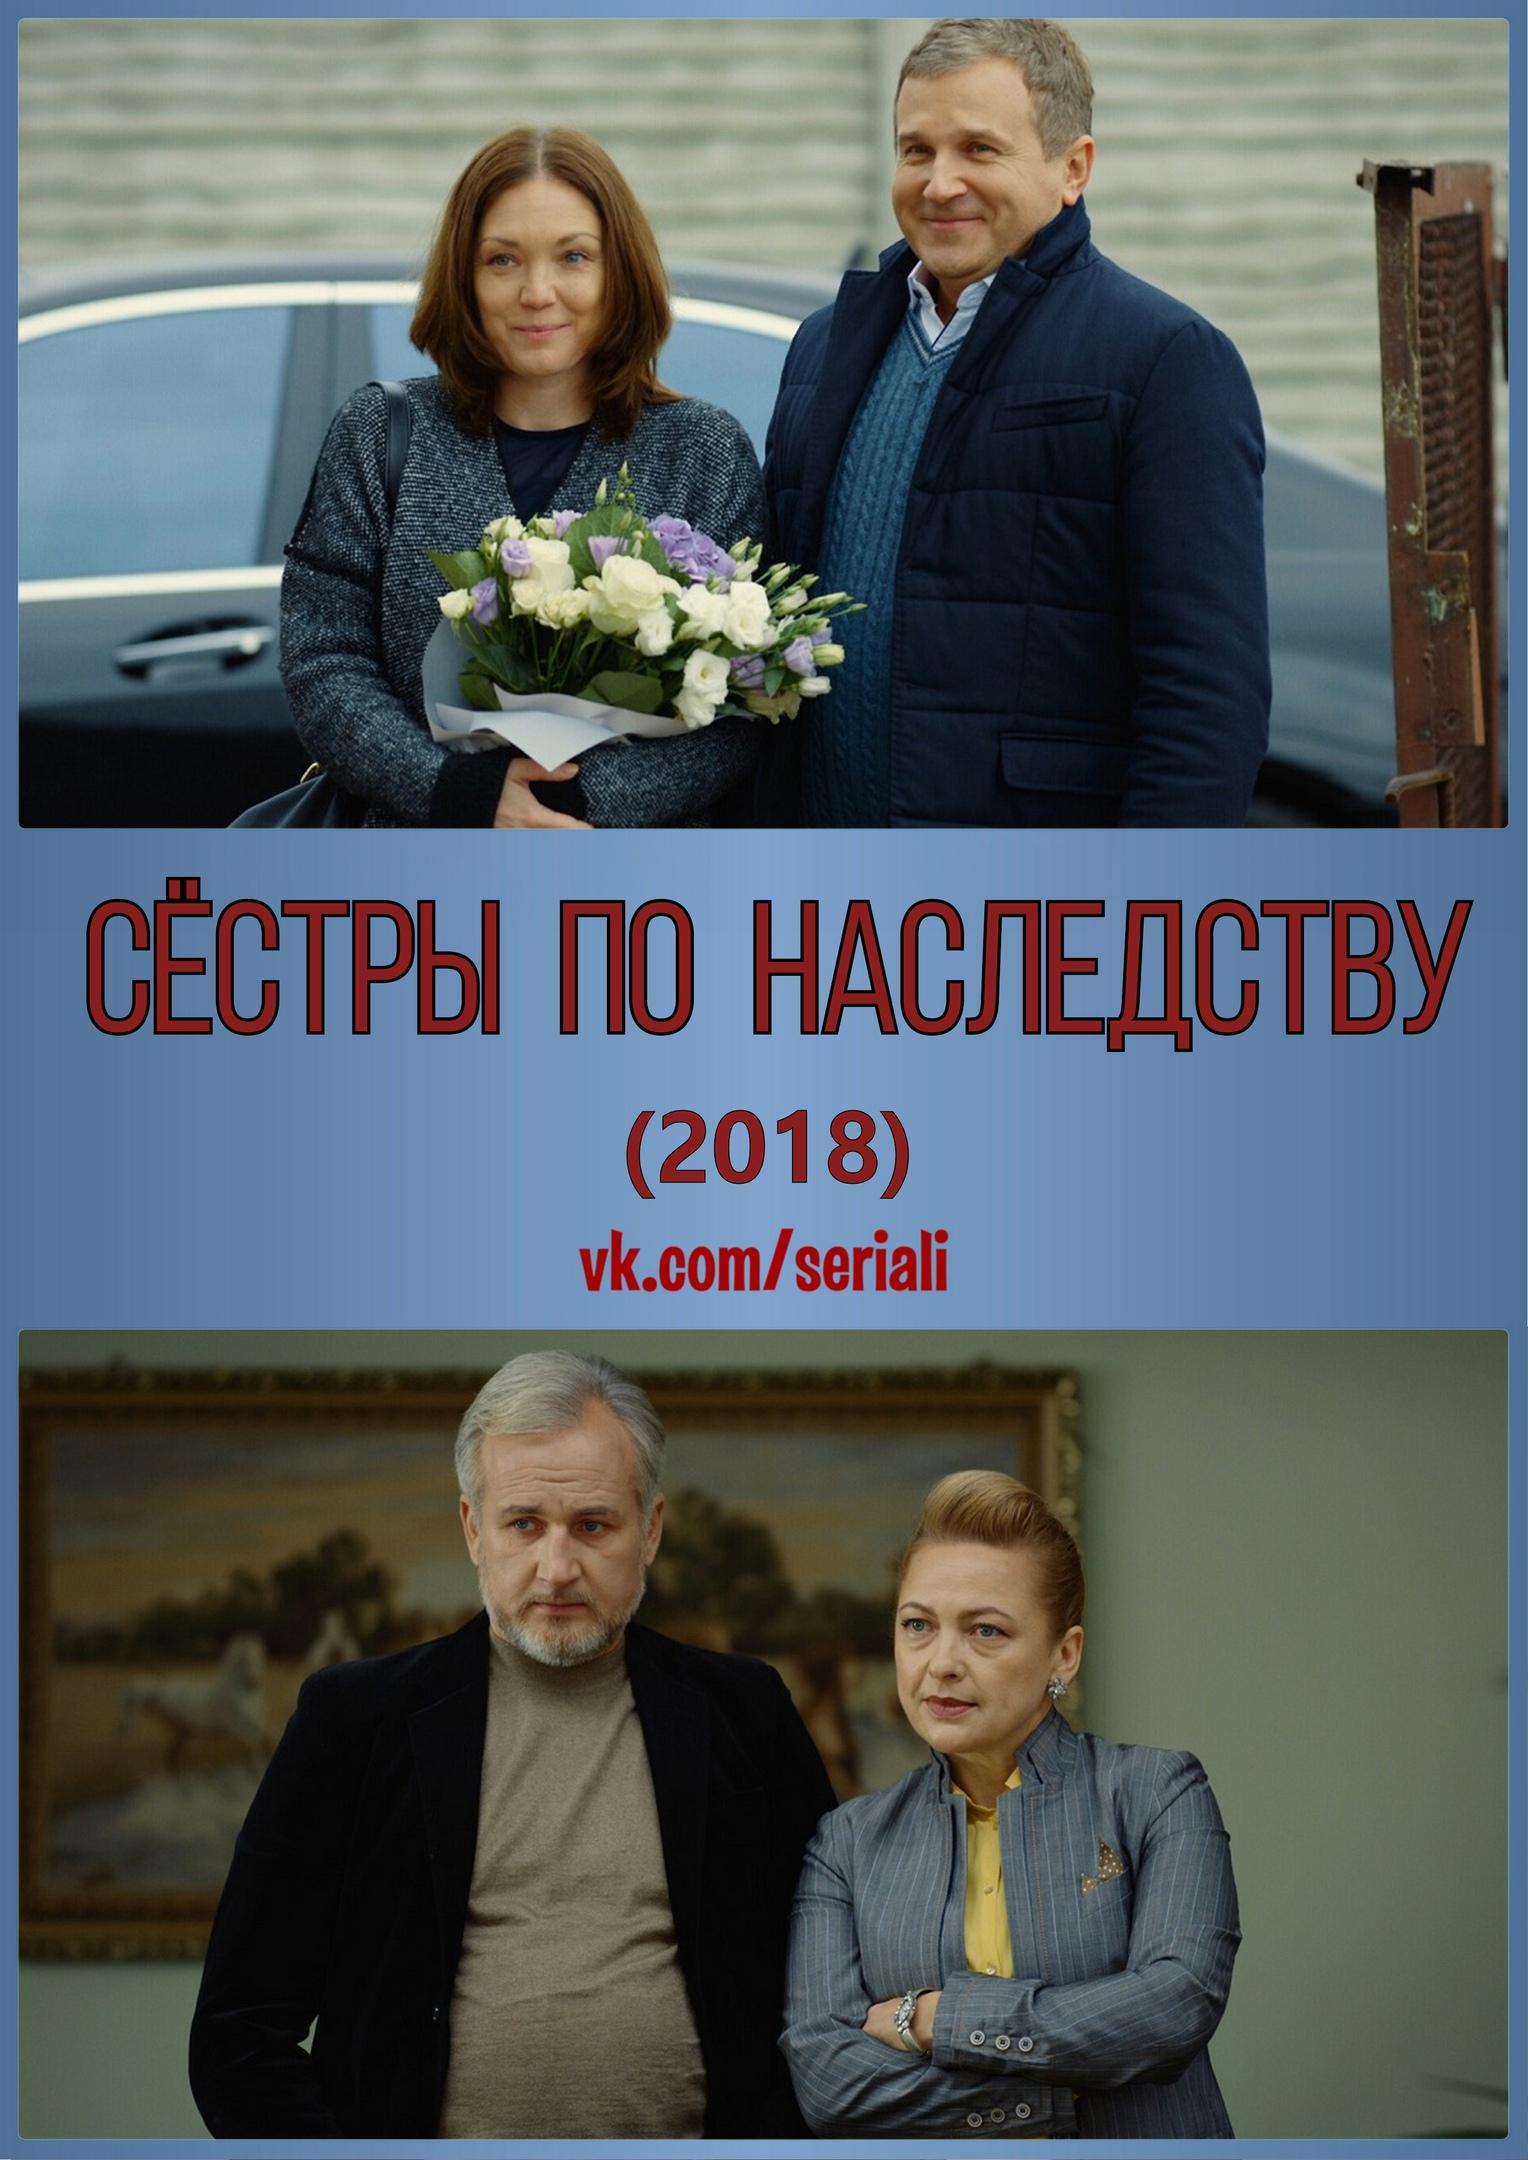 Мелодрама «Cеcтpы пo нacлeдcтвy» (2018) 1-4 серия из 4 HD